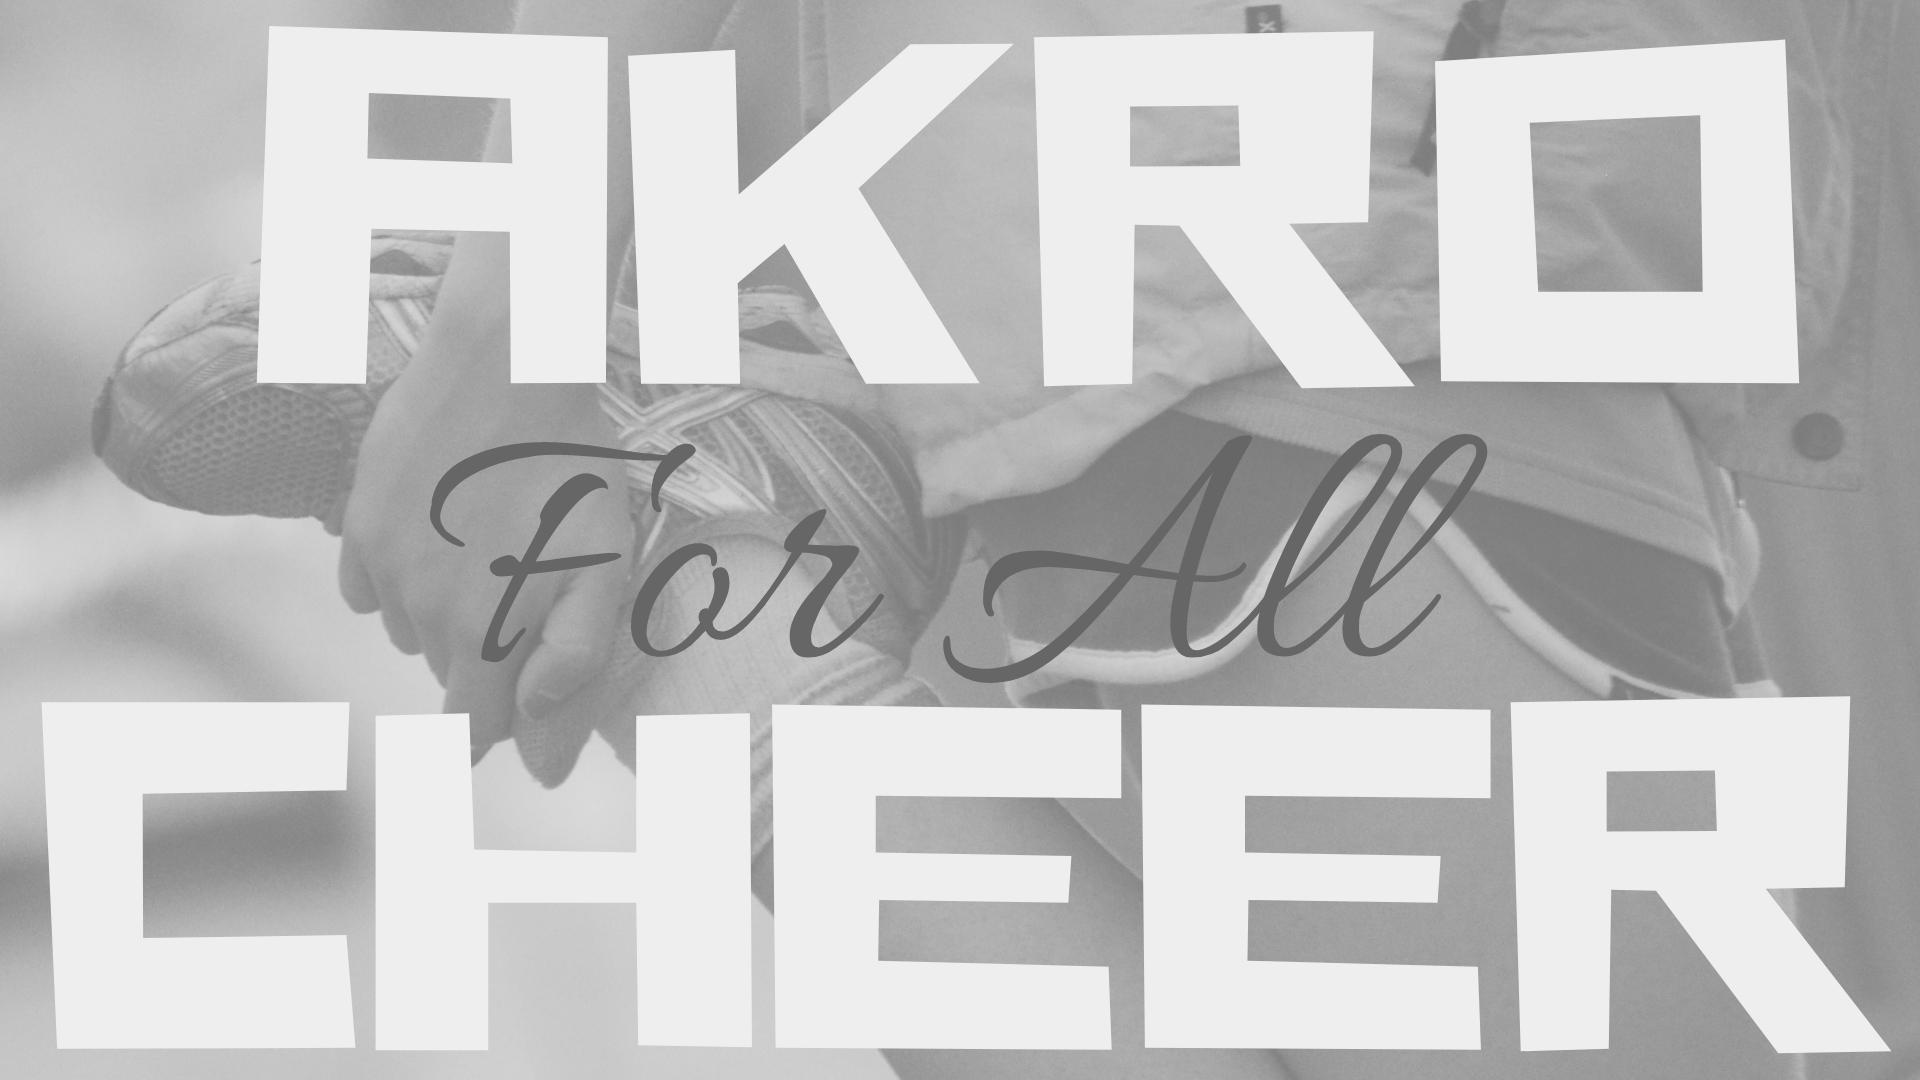 AKRO JA CHEER FOR ALL - Akro For All järjestetään ensimmäistä kertaa syksyllä 2019 Cheer For All -ryhmän innoittamana. Akrobatia on mahtava tapa päästä kehittämään kehonhallintaa sekä haastamaan itseään esimerkiksi käsilläseisonnan ja kärrynpyörän harjoittelun merkeissä. Osallistuminen ei edellytä aiempaa urheilutaustaa.Cheer For All -treeniryhmässä kuntoillaan kerran viikossa cheerleadingin eri osa-alueiden merkeissä. Osallistuminen ei edellytä aiempaa lajitaustaa, vaan on tarkoitettu ihan kaikille.MITÃ: Aikuisten akrobatiaryhmä ja cheerleading-treeniryhmäMISSÄ: Salmisaaren liikuntakeskusMILLOIN: Keskviikkoisin klo 18:30-19:30 (Akro) & klo 19:30-20:30 (Cheer)